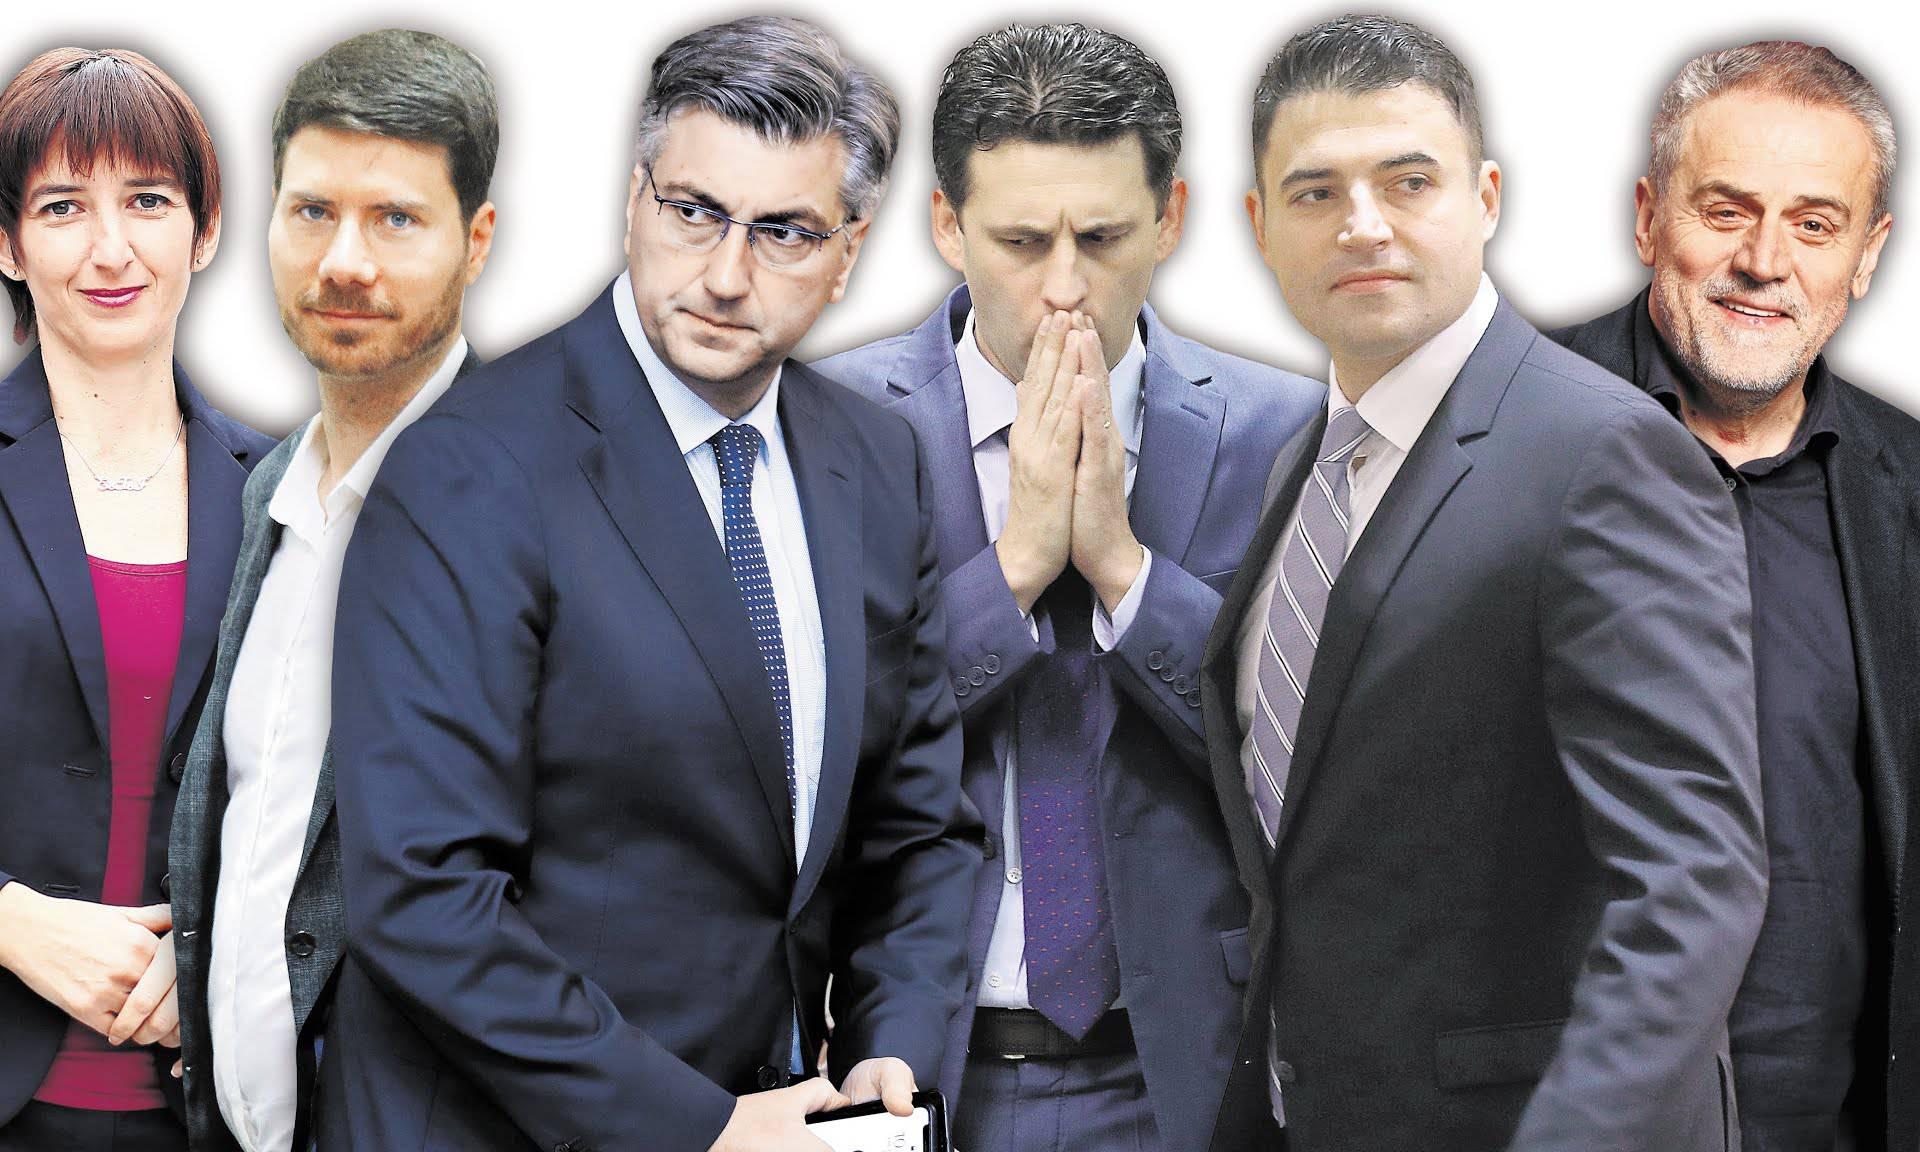 Mračne tajne: Što se sve krije iza kulisa hrvatskih stranaka...